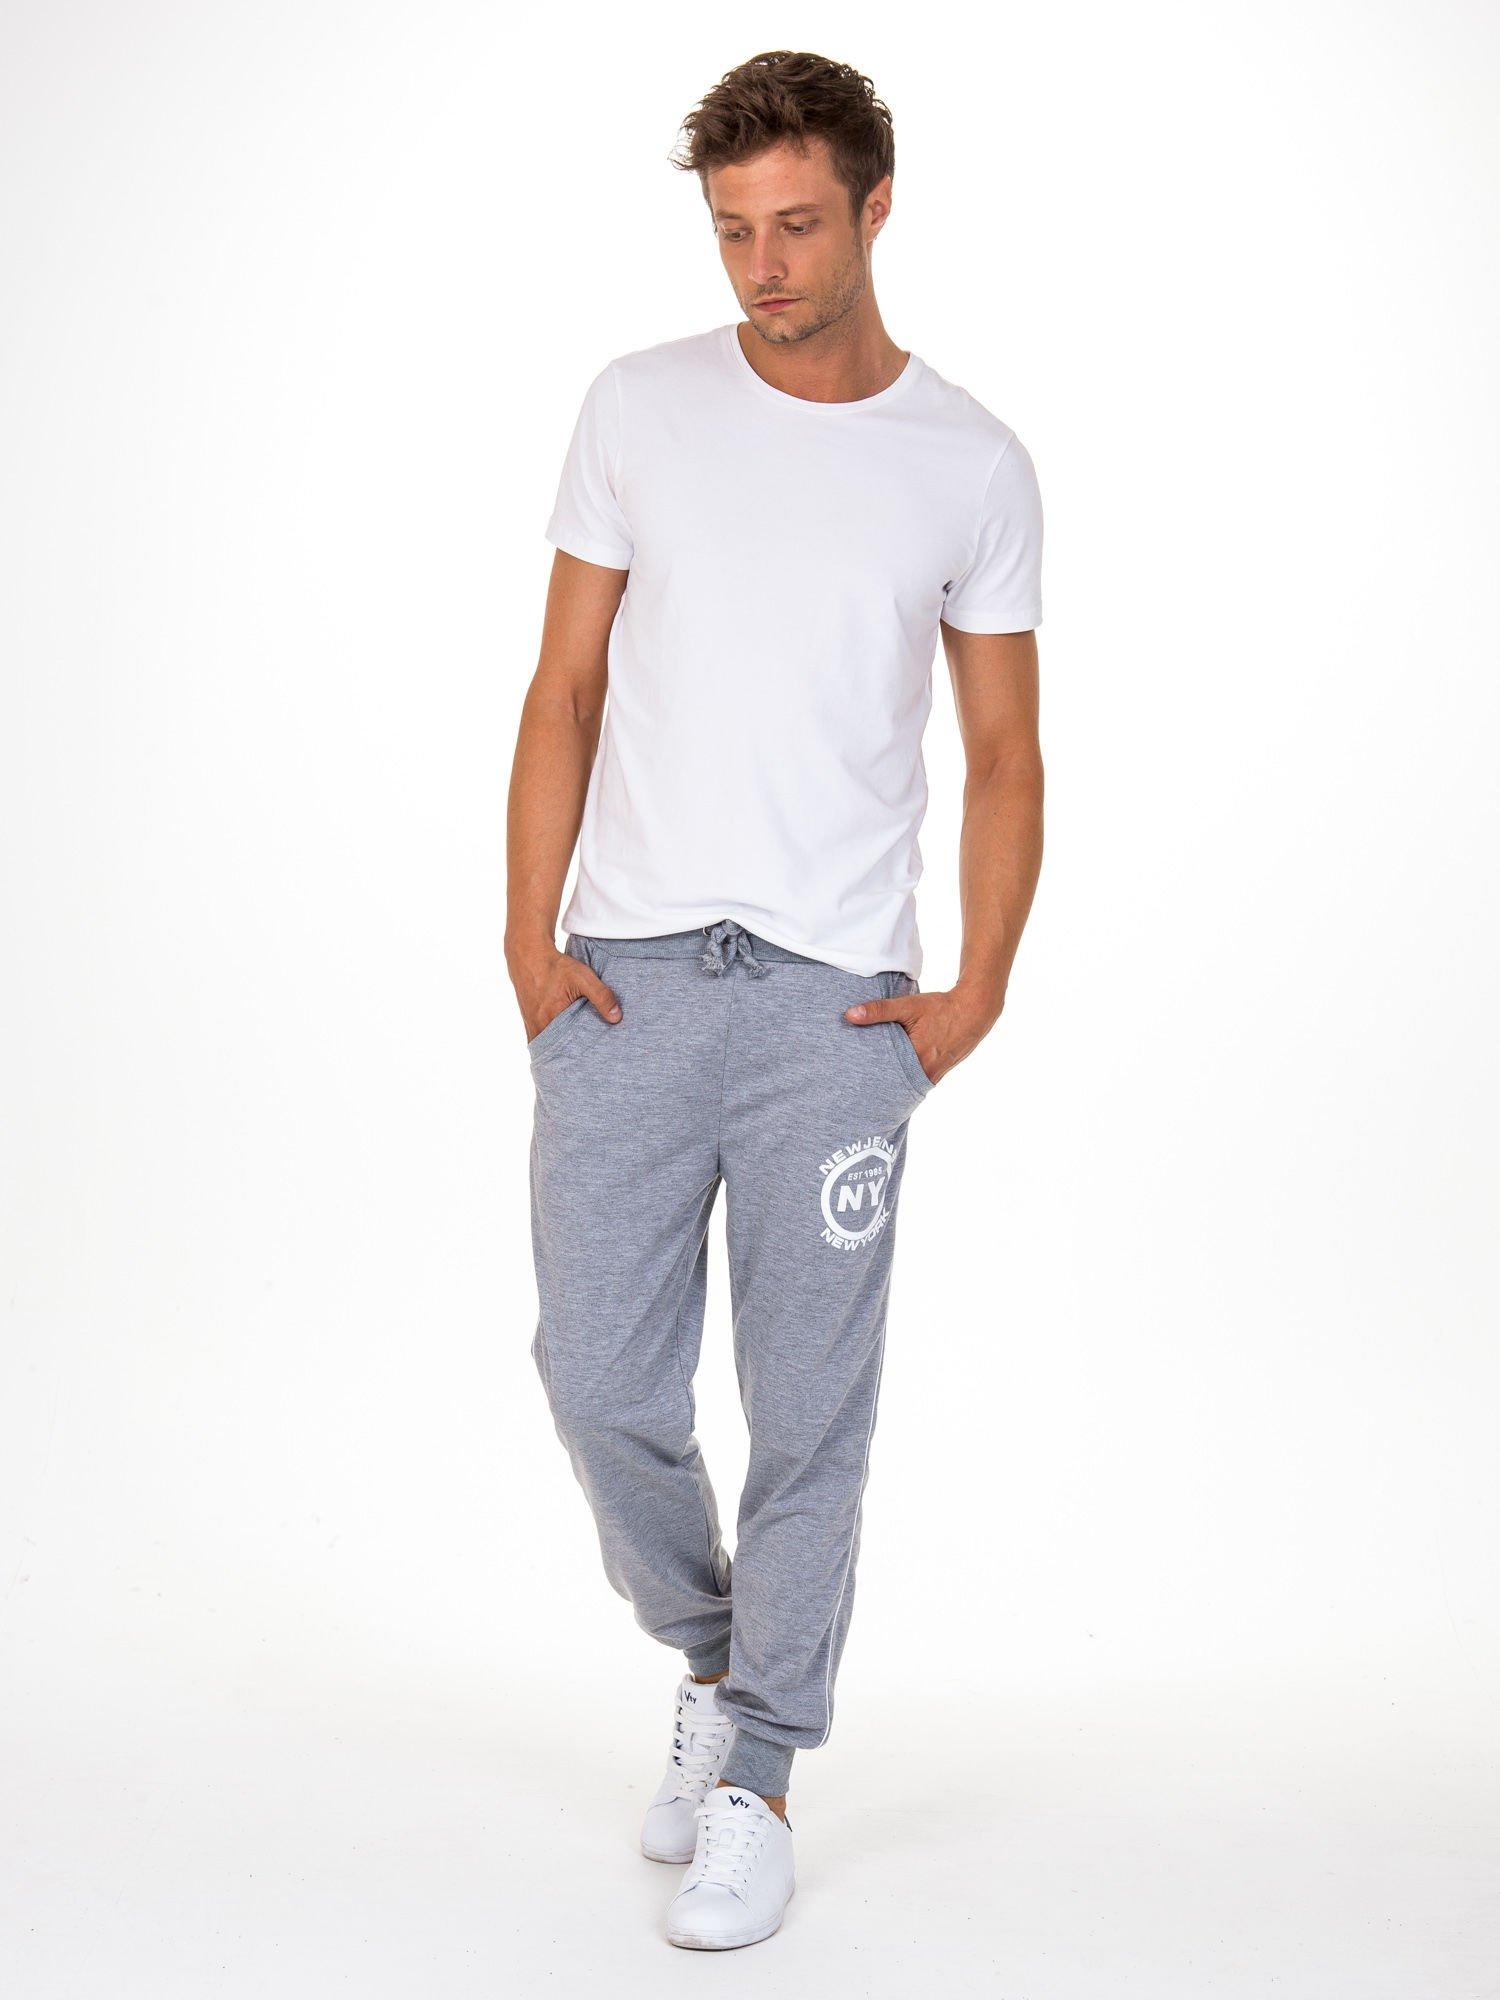 Szare dresowe spodnie męskie z lampasami po bokach i aplikacją                                  zdj.                                  2